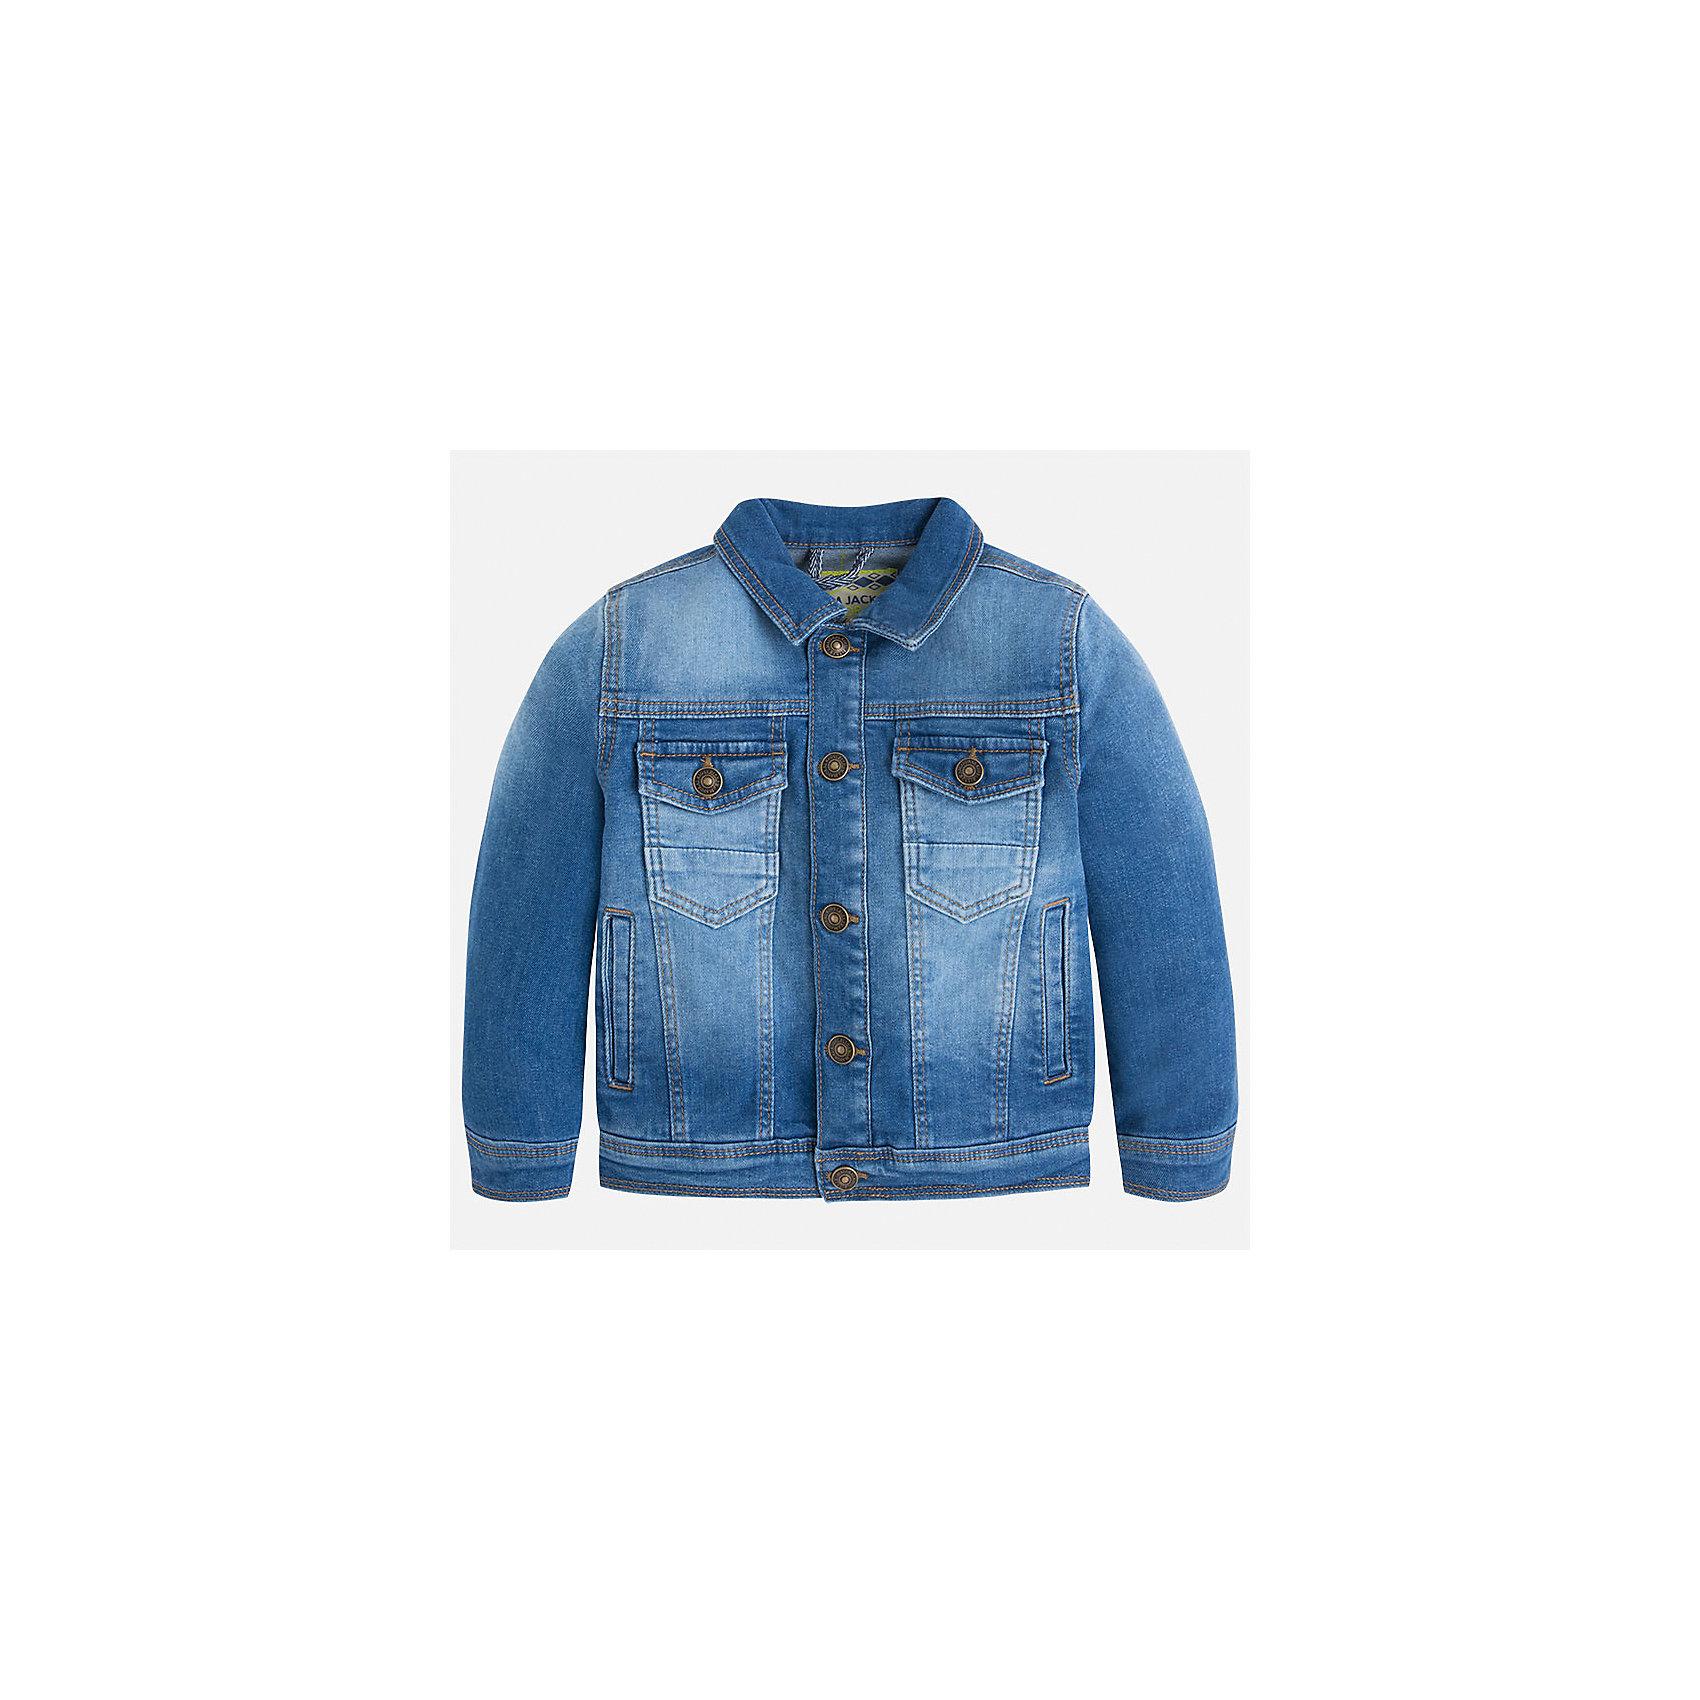 Куртка джинсовая для мальчика MayoralДжинсовая одежда<br>Характеристики товара:<br><br>• цвет: синий<br>• состав: 97% хлопок, 3% эластан<br>• отложной воротник<br>• карманы<br>• застежка: пуговицы<br>• эффект потертостей<br>• страна бренда: Испания<br><br>Джинсовая куртка для мальчика может стать базовой вещью в гардеробе ребенка. Она отлично сочетается с майками, футболками, рубашками и т.д. Универсальный крой и цвет позволяет подобрать к вещи низ разных расцветок. Практичное и стильное изделие! В составе материала - натуральный хлопок, гипоаллергенный, приятный на ощупь, дышащий.<br><br>Одежда, обувь и аксессуары от испанского бренда Mayoral полюбились детям и взрослым по всему миру. Модели этой марки - стильные и удобные. Для их производства используются только безопасные, качественные материалы и фурнитура. Порадуйте ребенка модными и красивыми вещами от Mayoral! <br><br>Куртку для мальчика от испанского бренда Mayoral (Майорал) можно купить в нашем интернет-магазине.<br><br>Ширина мм: 356<br>Глубина мм: 10<br>Высота мм: 245<br>Вес г: 519<br>Цвет: синий<br>Возраст от месяцев: 24<br>Возраст до месяцев: 36<br>Пол: Мужской<br>Возраст: Детский<br>Размер: 92,98,104,110,116,122,134,128<br>SKU: 3143064